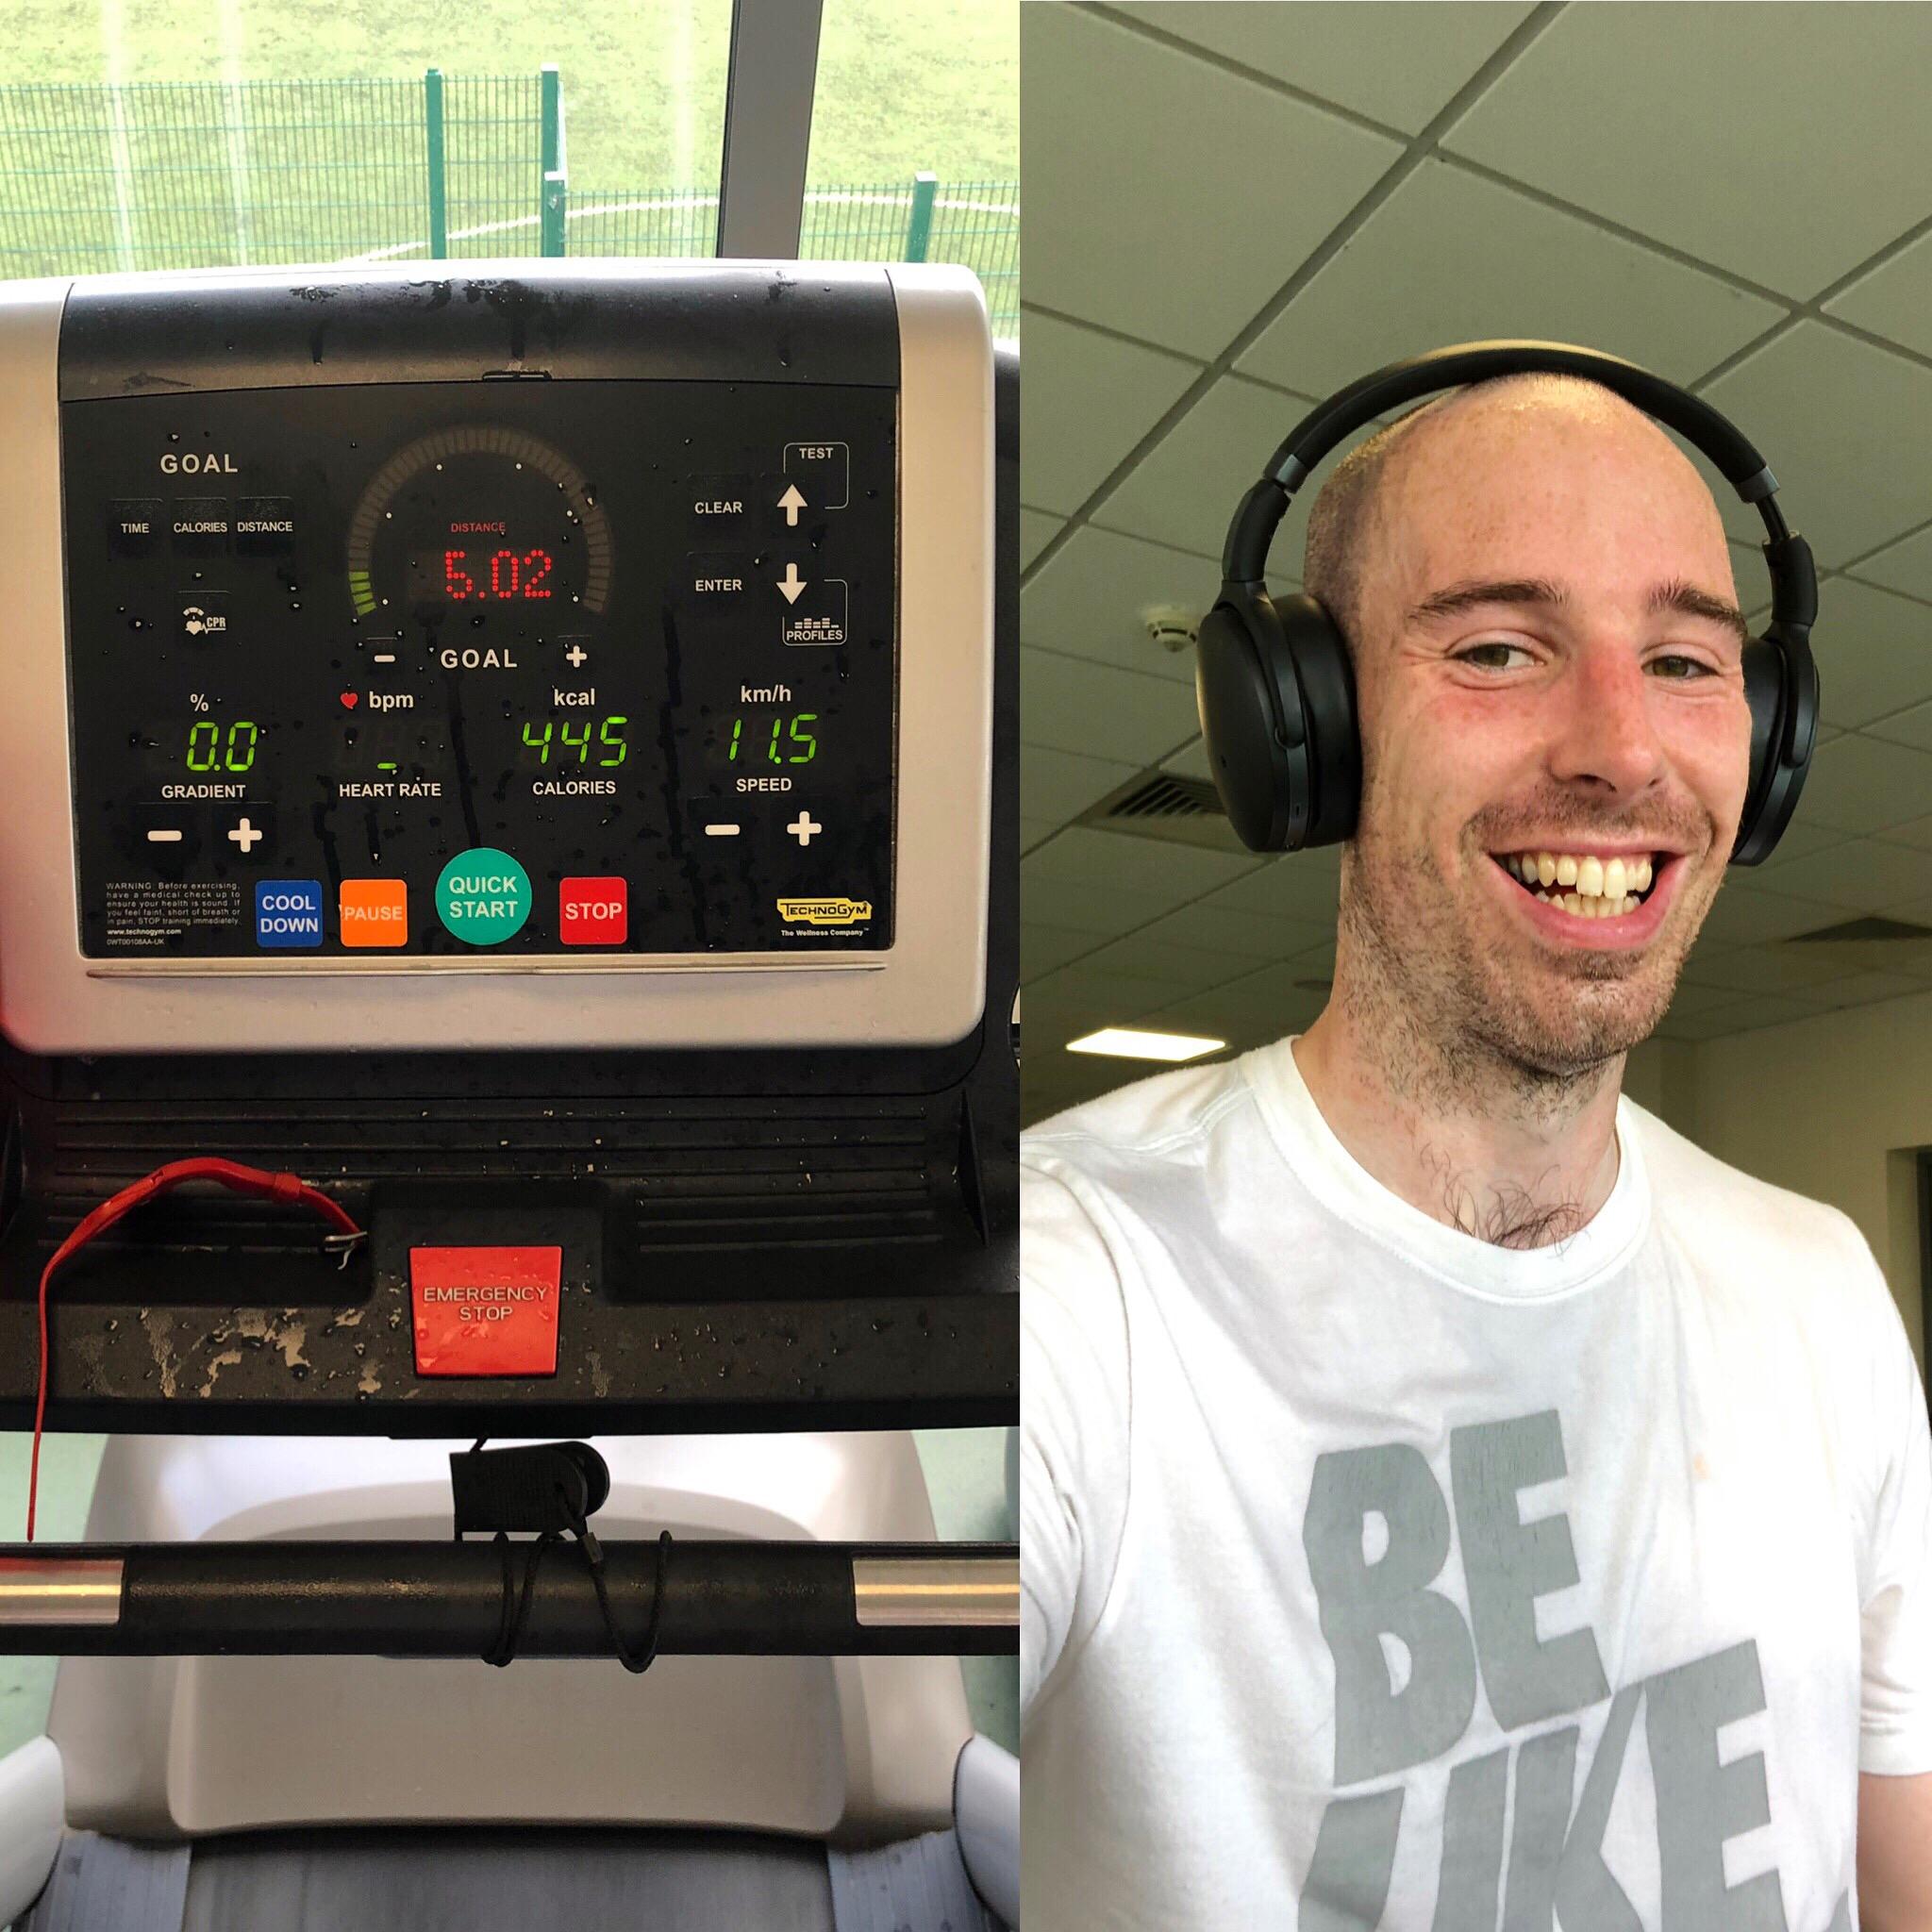 treadmill marathon speed hill training session jerry rice hillrun workout sweat indoor running